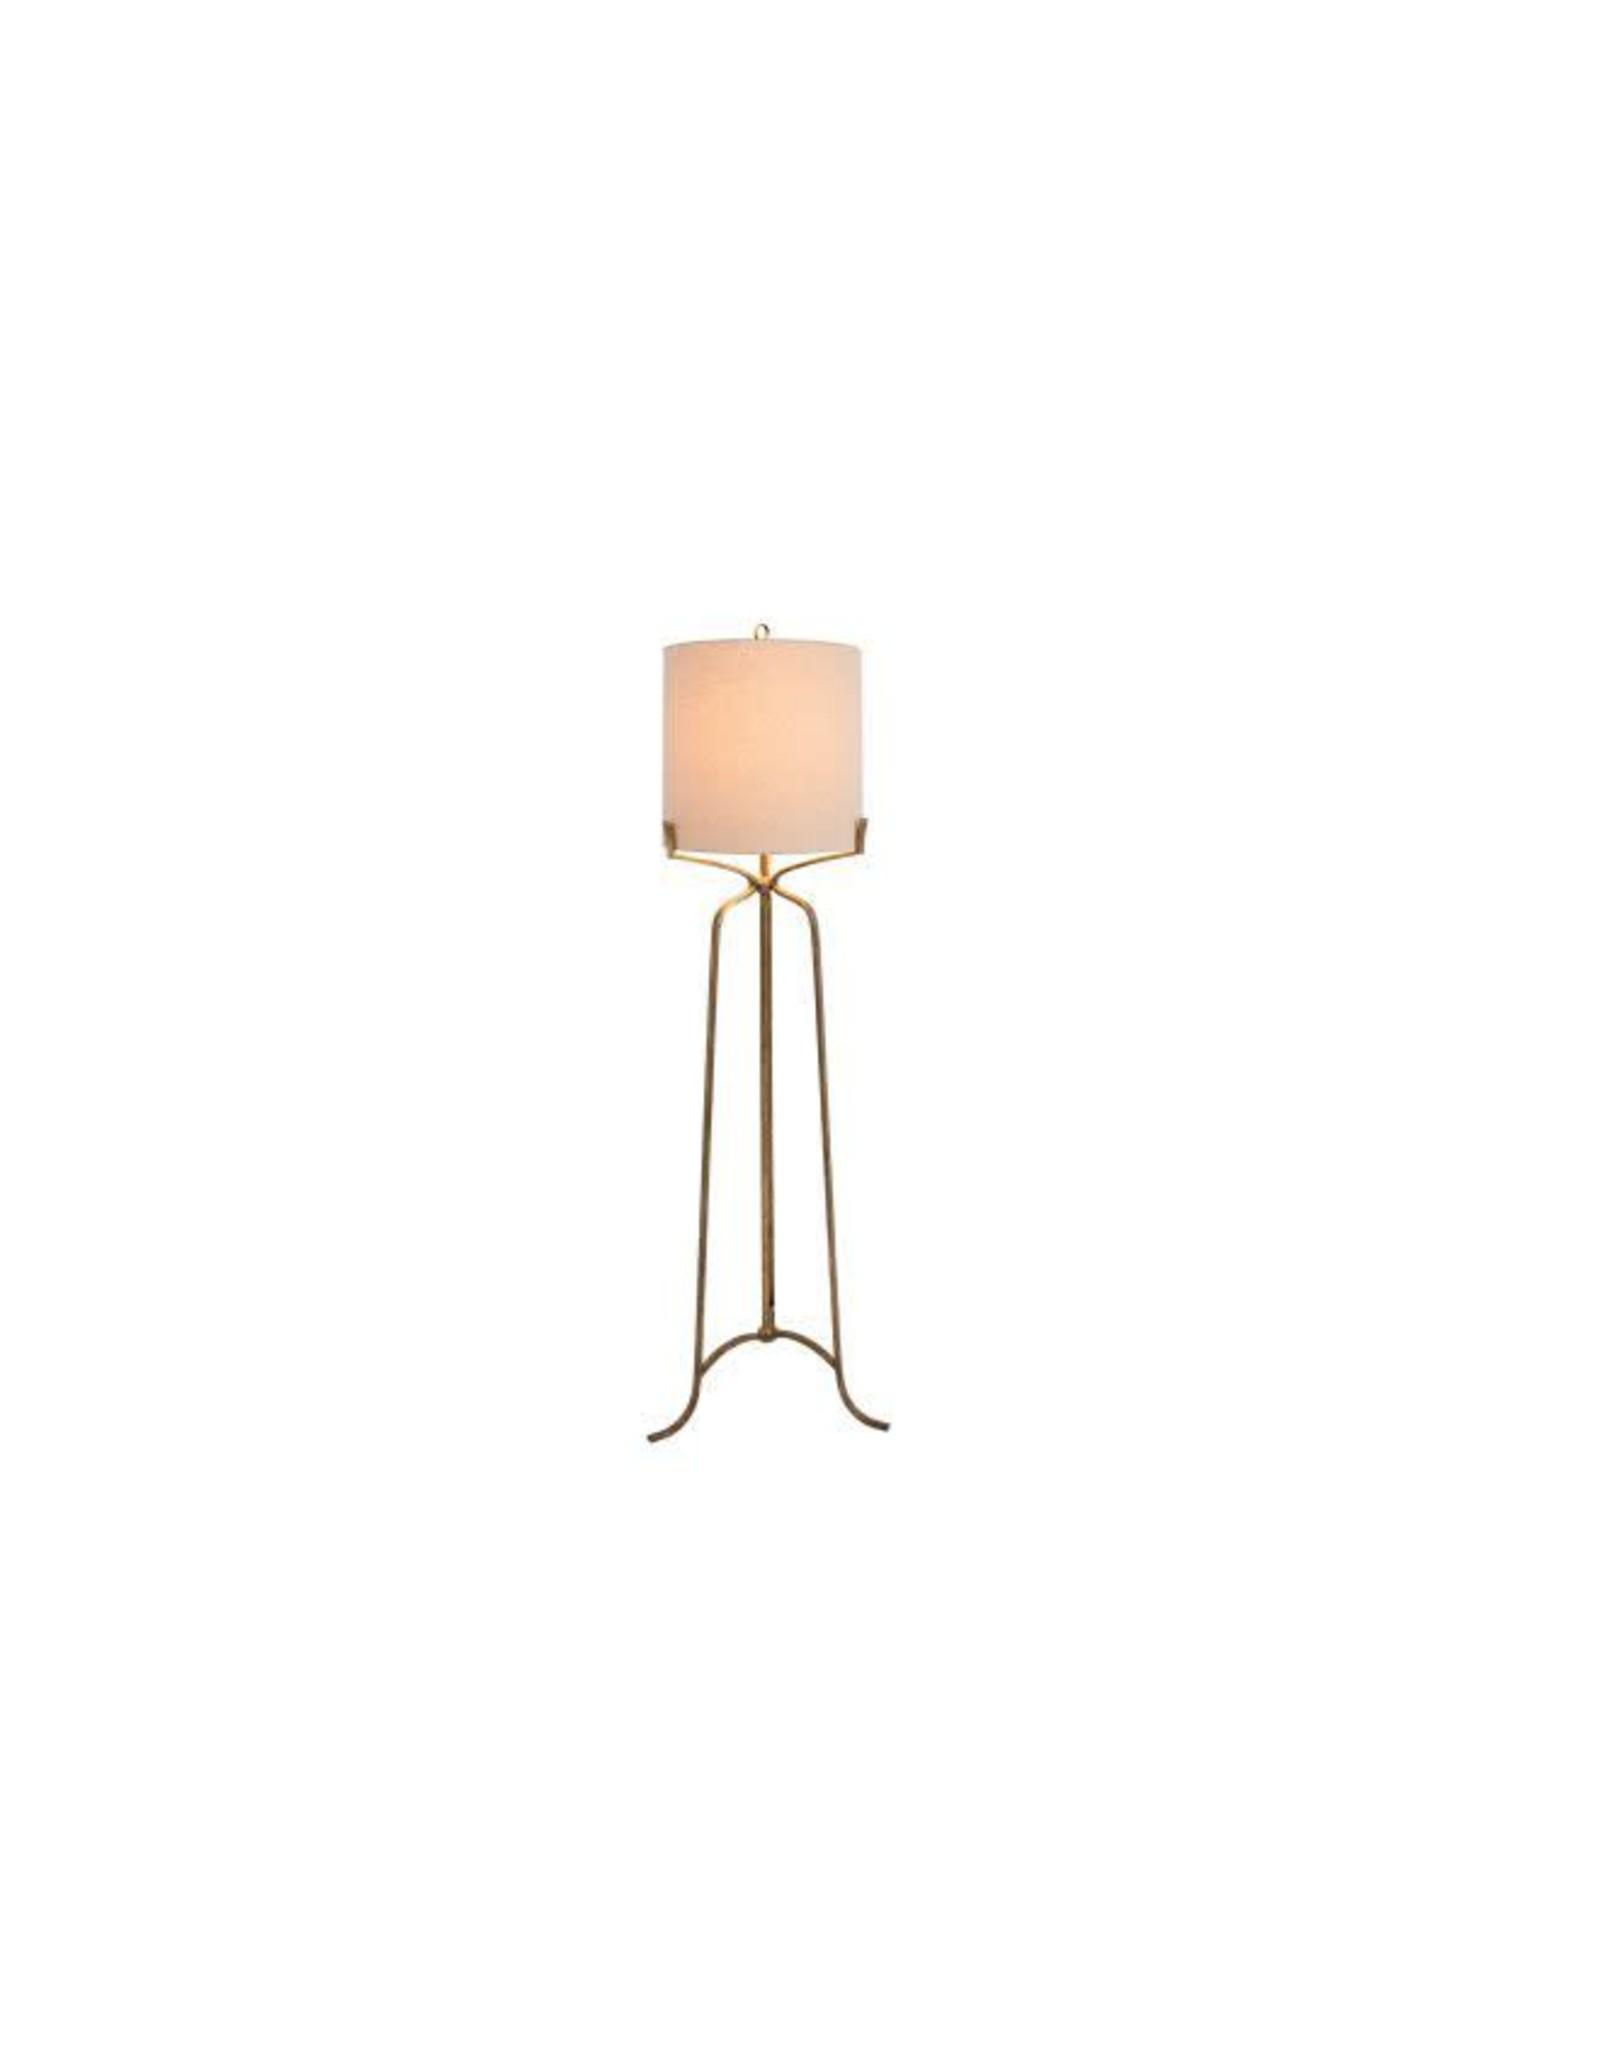 Display Evie Floor Lamp